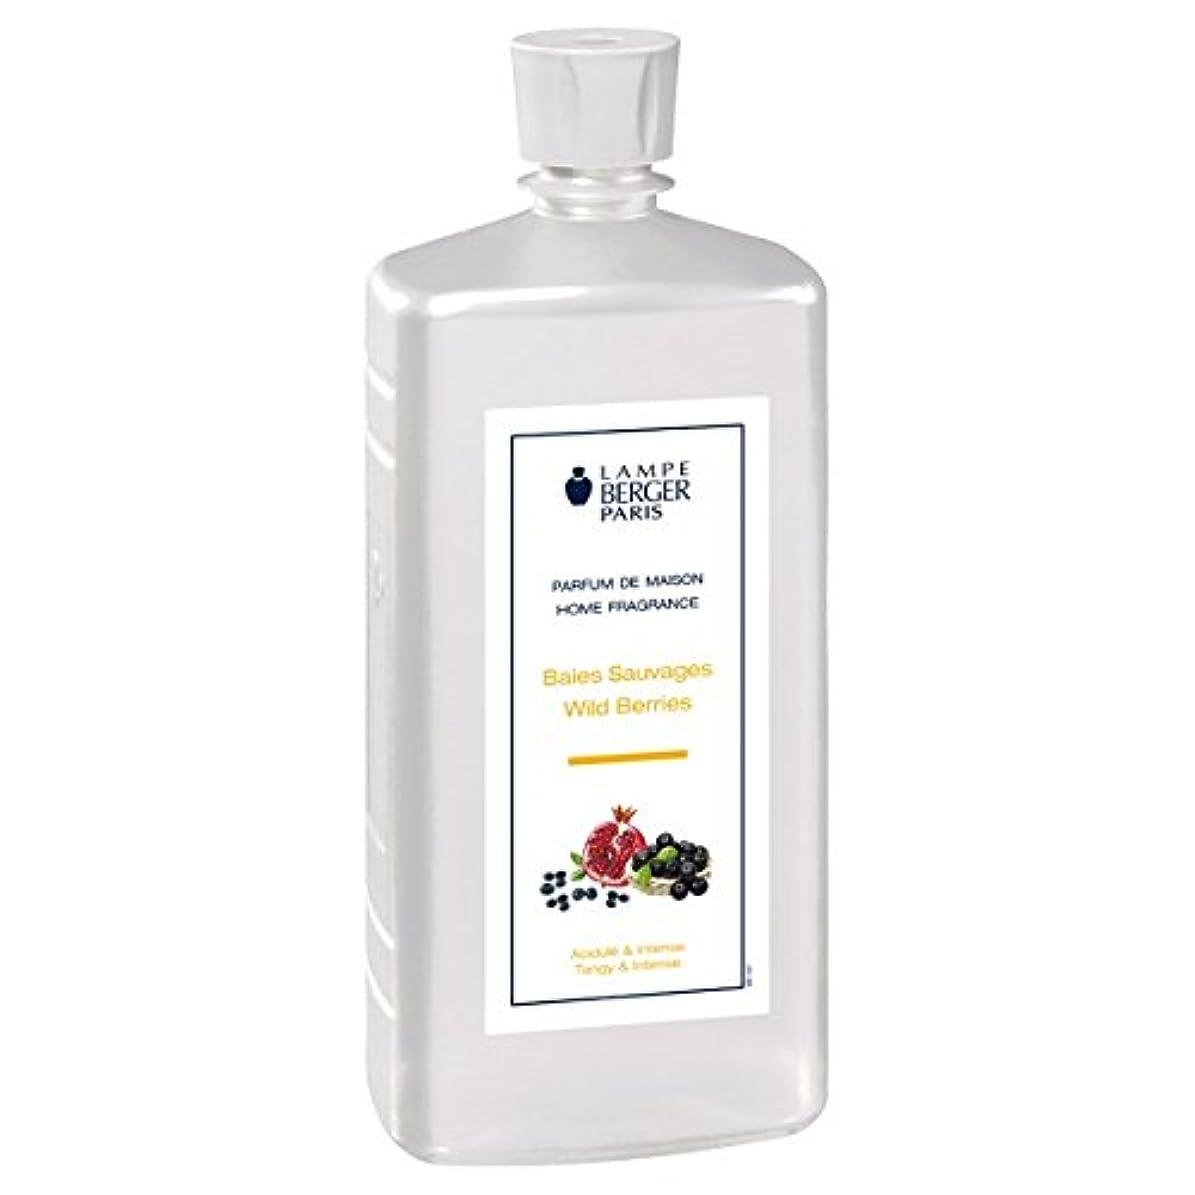 含意プラットフォーム考えるランプベルジェパリ直輸入パフュームアロマオイル1Lワイルドベリーズの香り(甘いリキュールの香りがアクセントでラストのレッドドラゴンフルーツやムスクなどの優しいハーモニーの香り